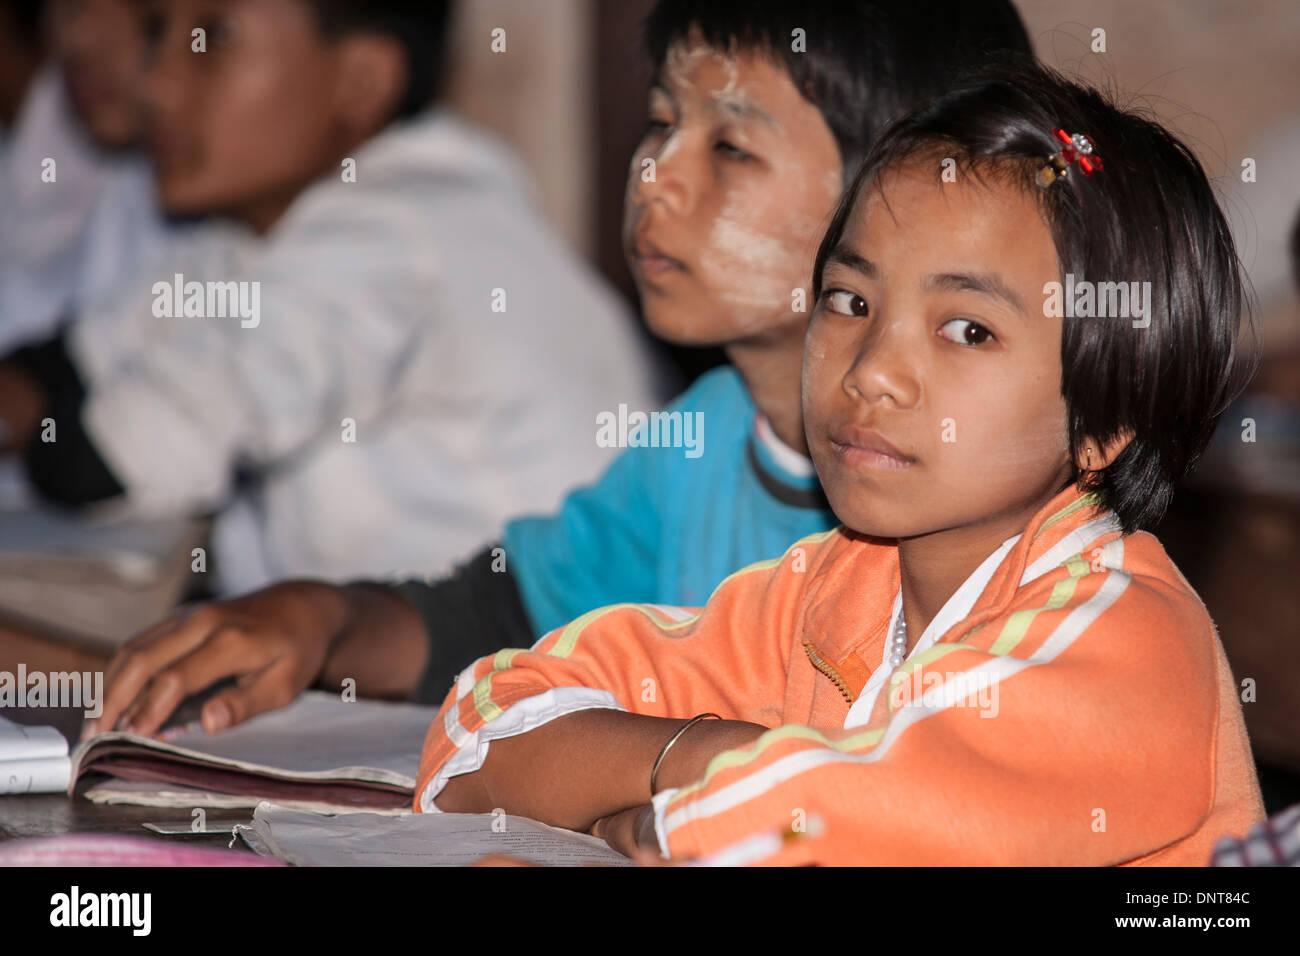 Asiatische Kinder in der Klasse in einer Dorfschule am 3. November 2013, in Indien Dorf, Myanmar. Stockbild